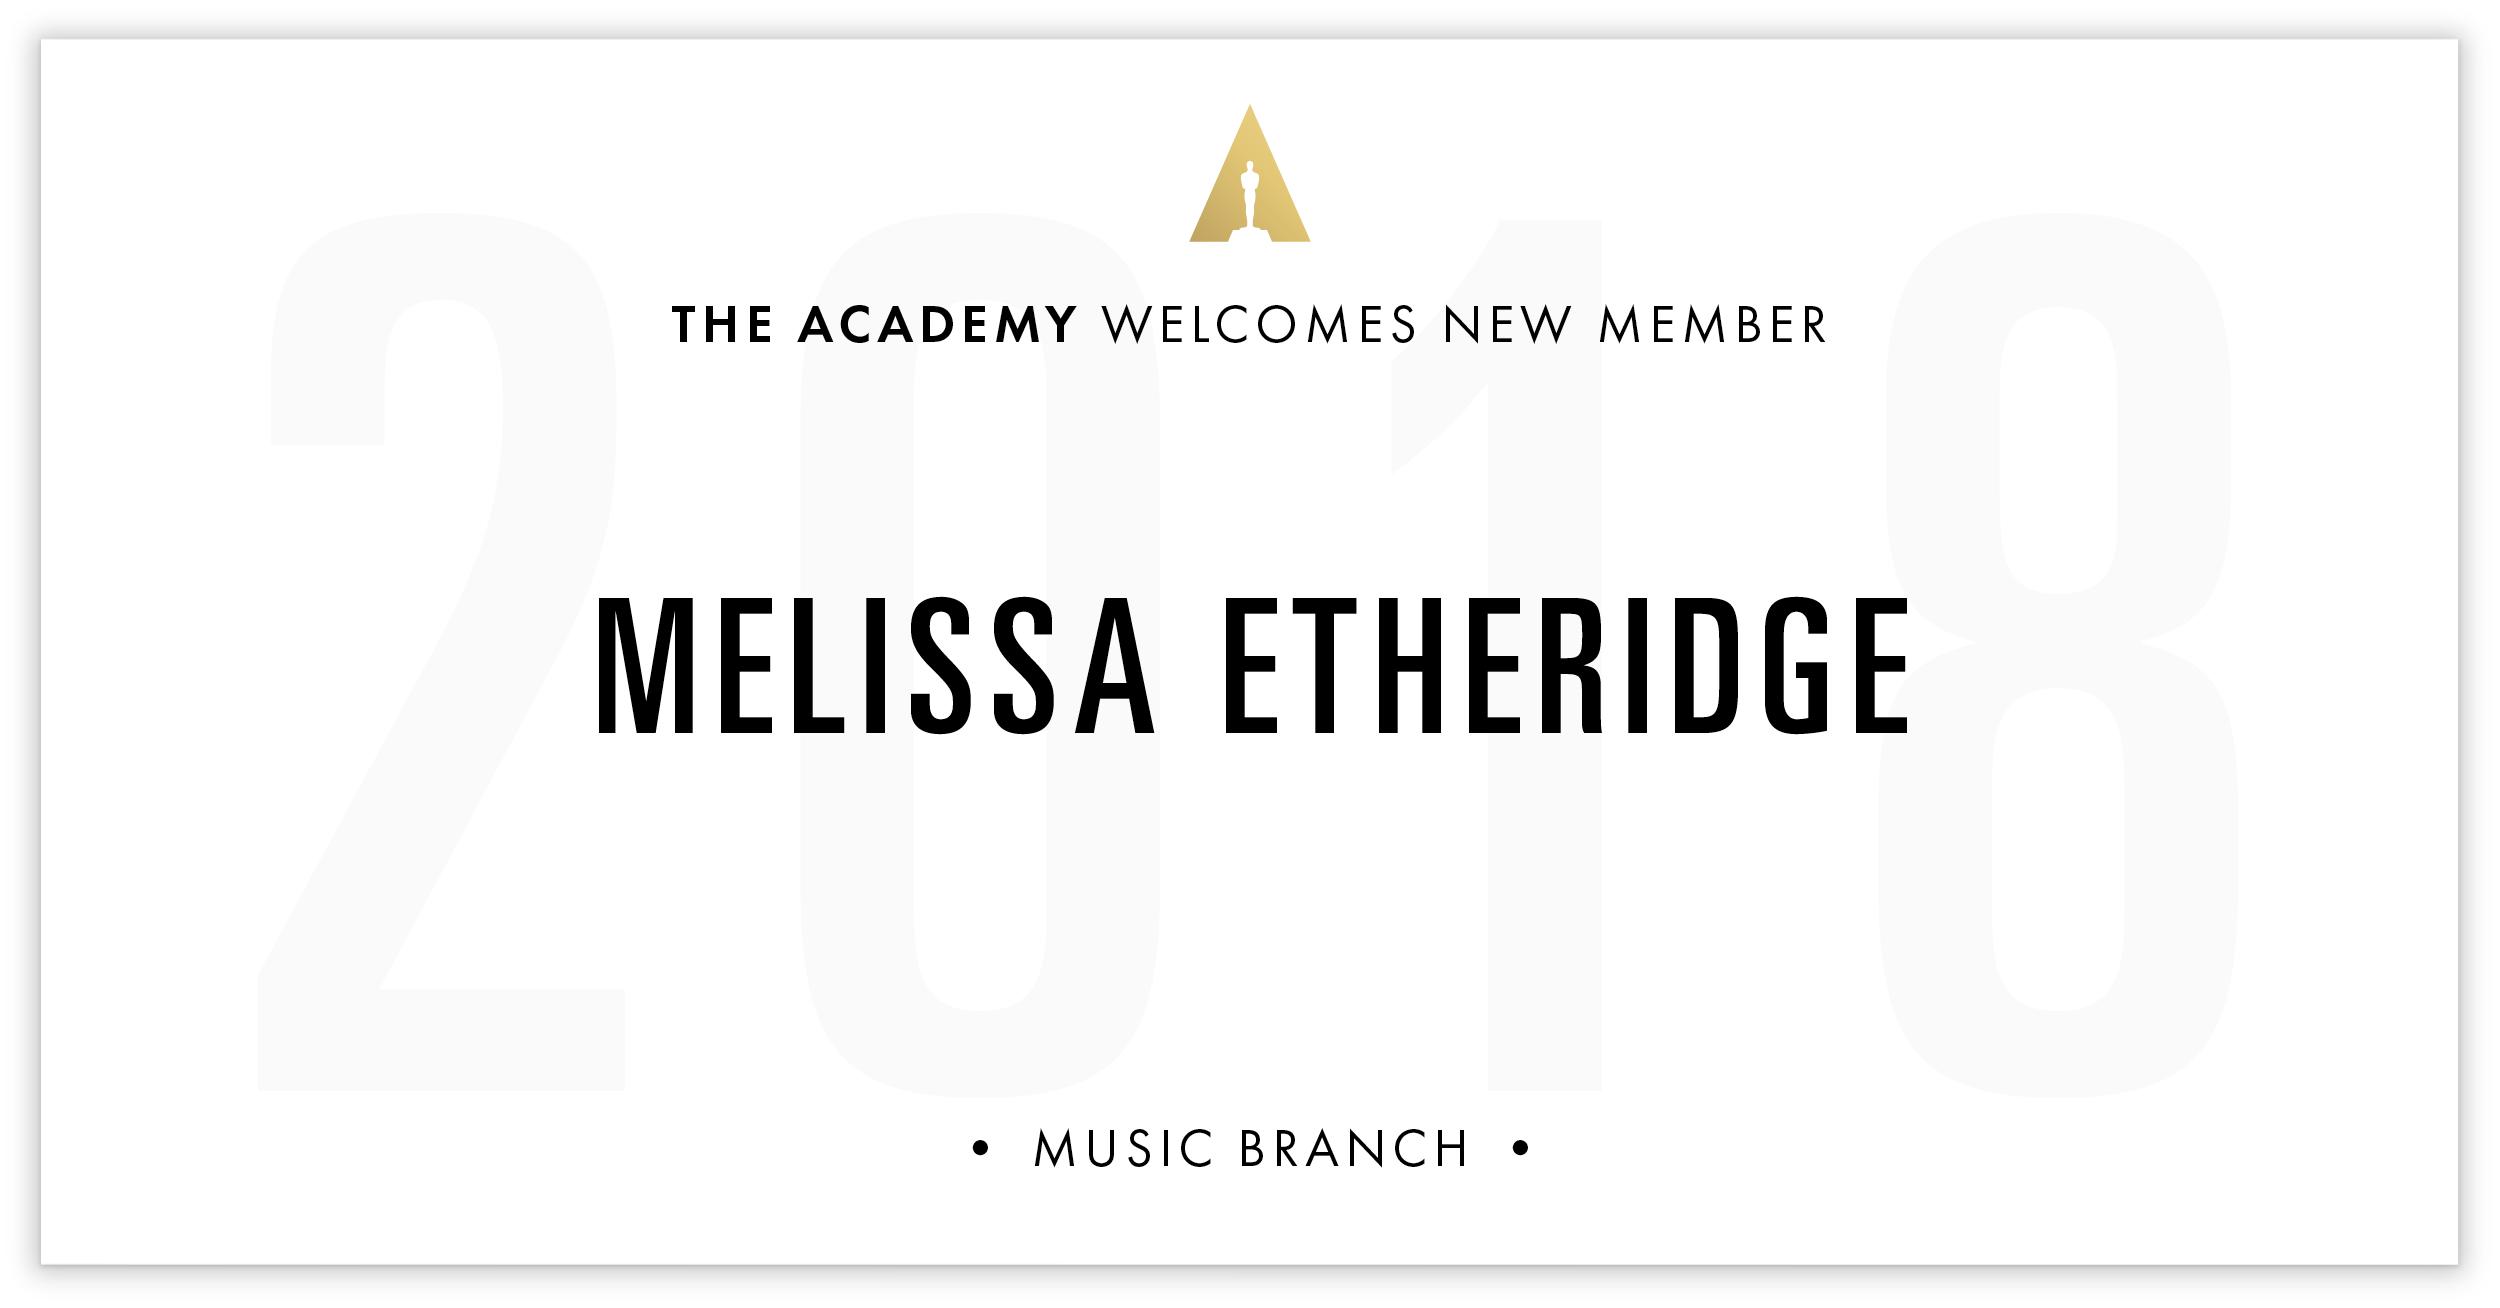 Melissa Etheridge is invited!